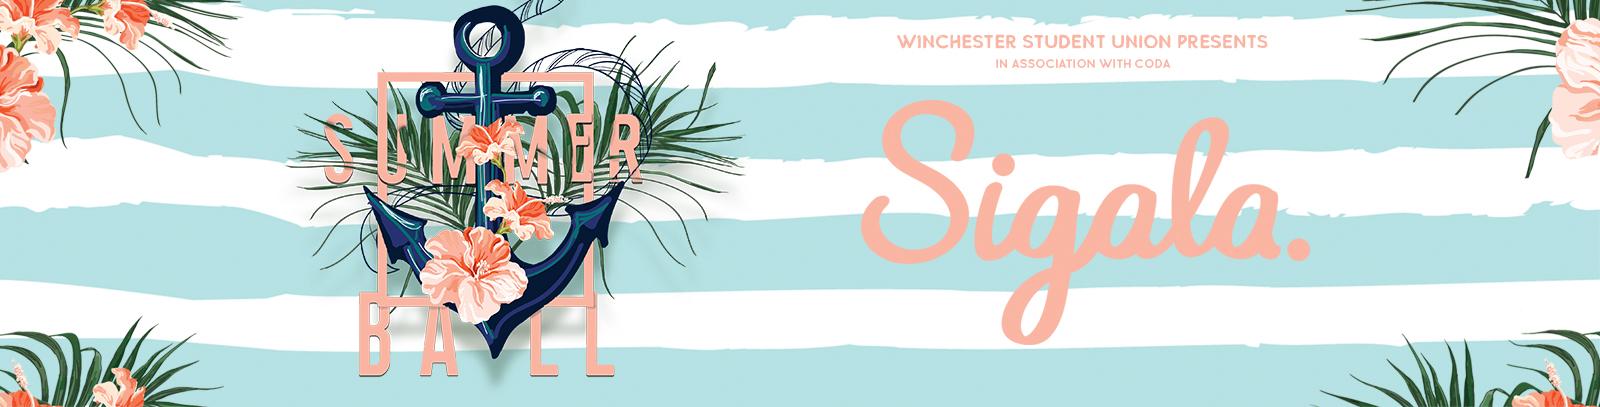 Summer ball 19 website banner